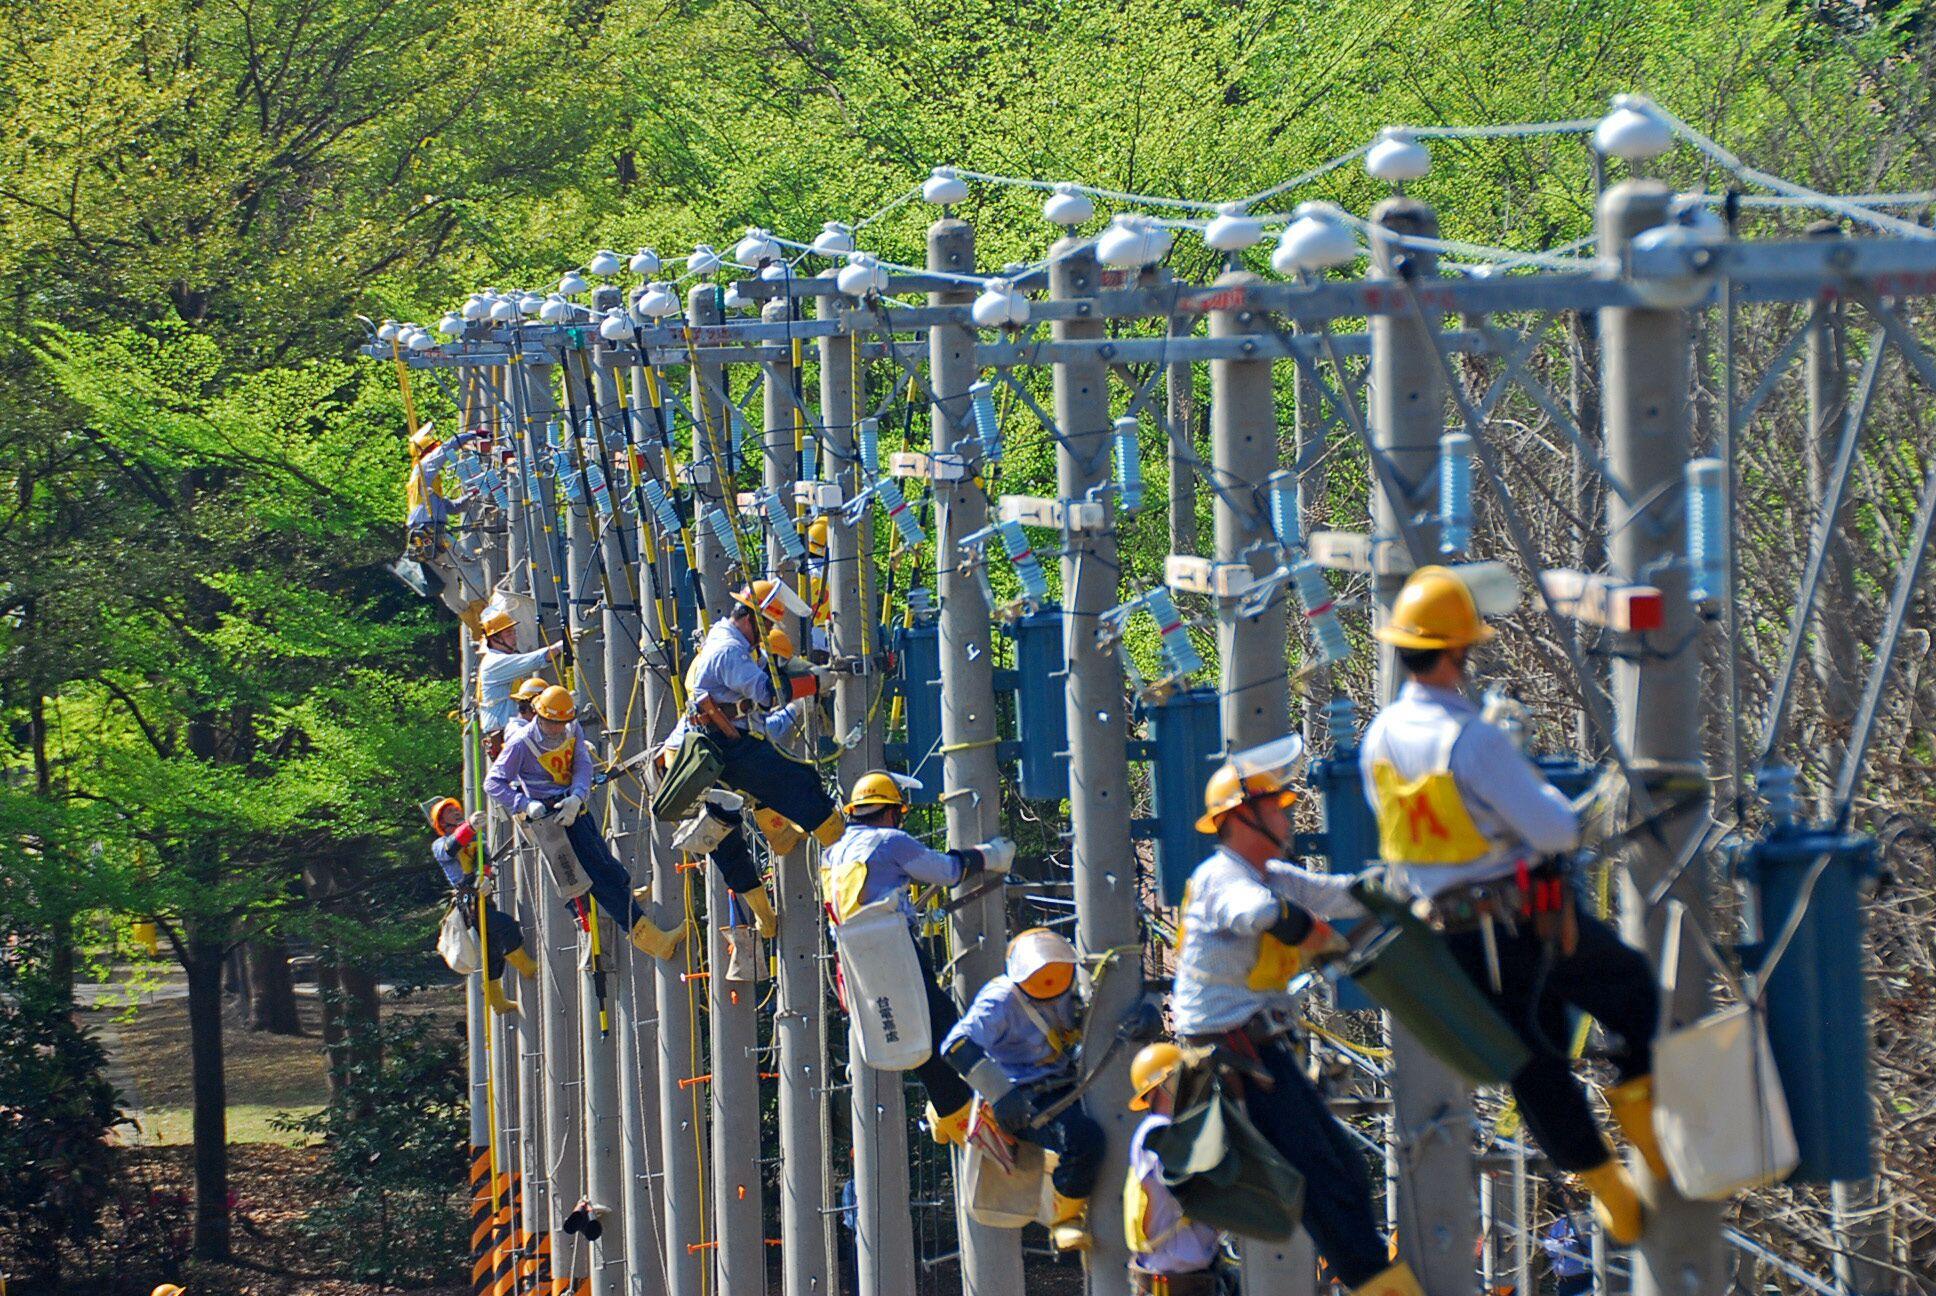 台灣電力公司招考身心障礙人員 開缺54名